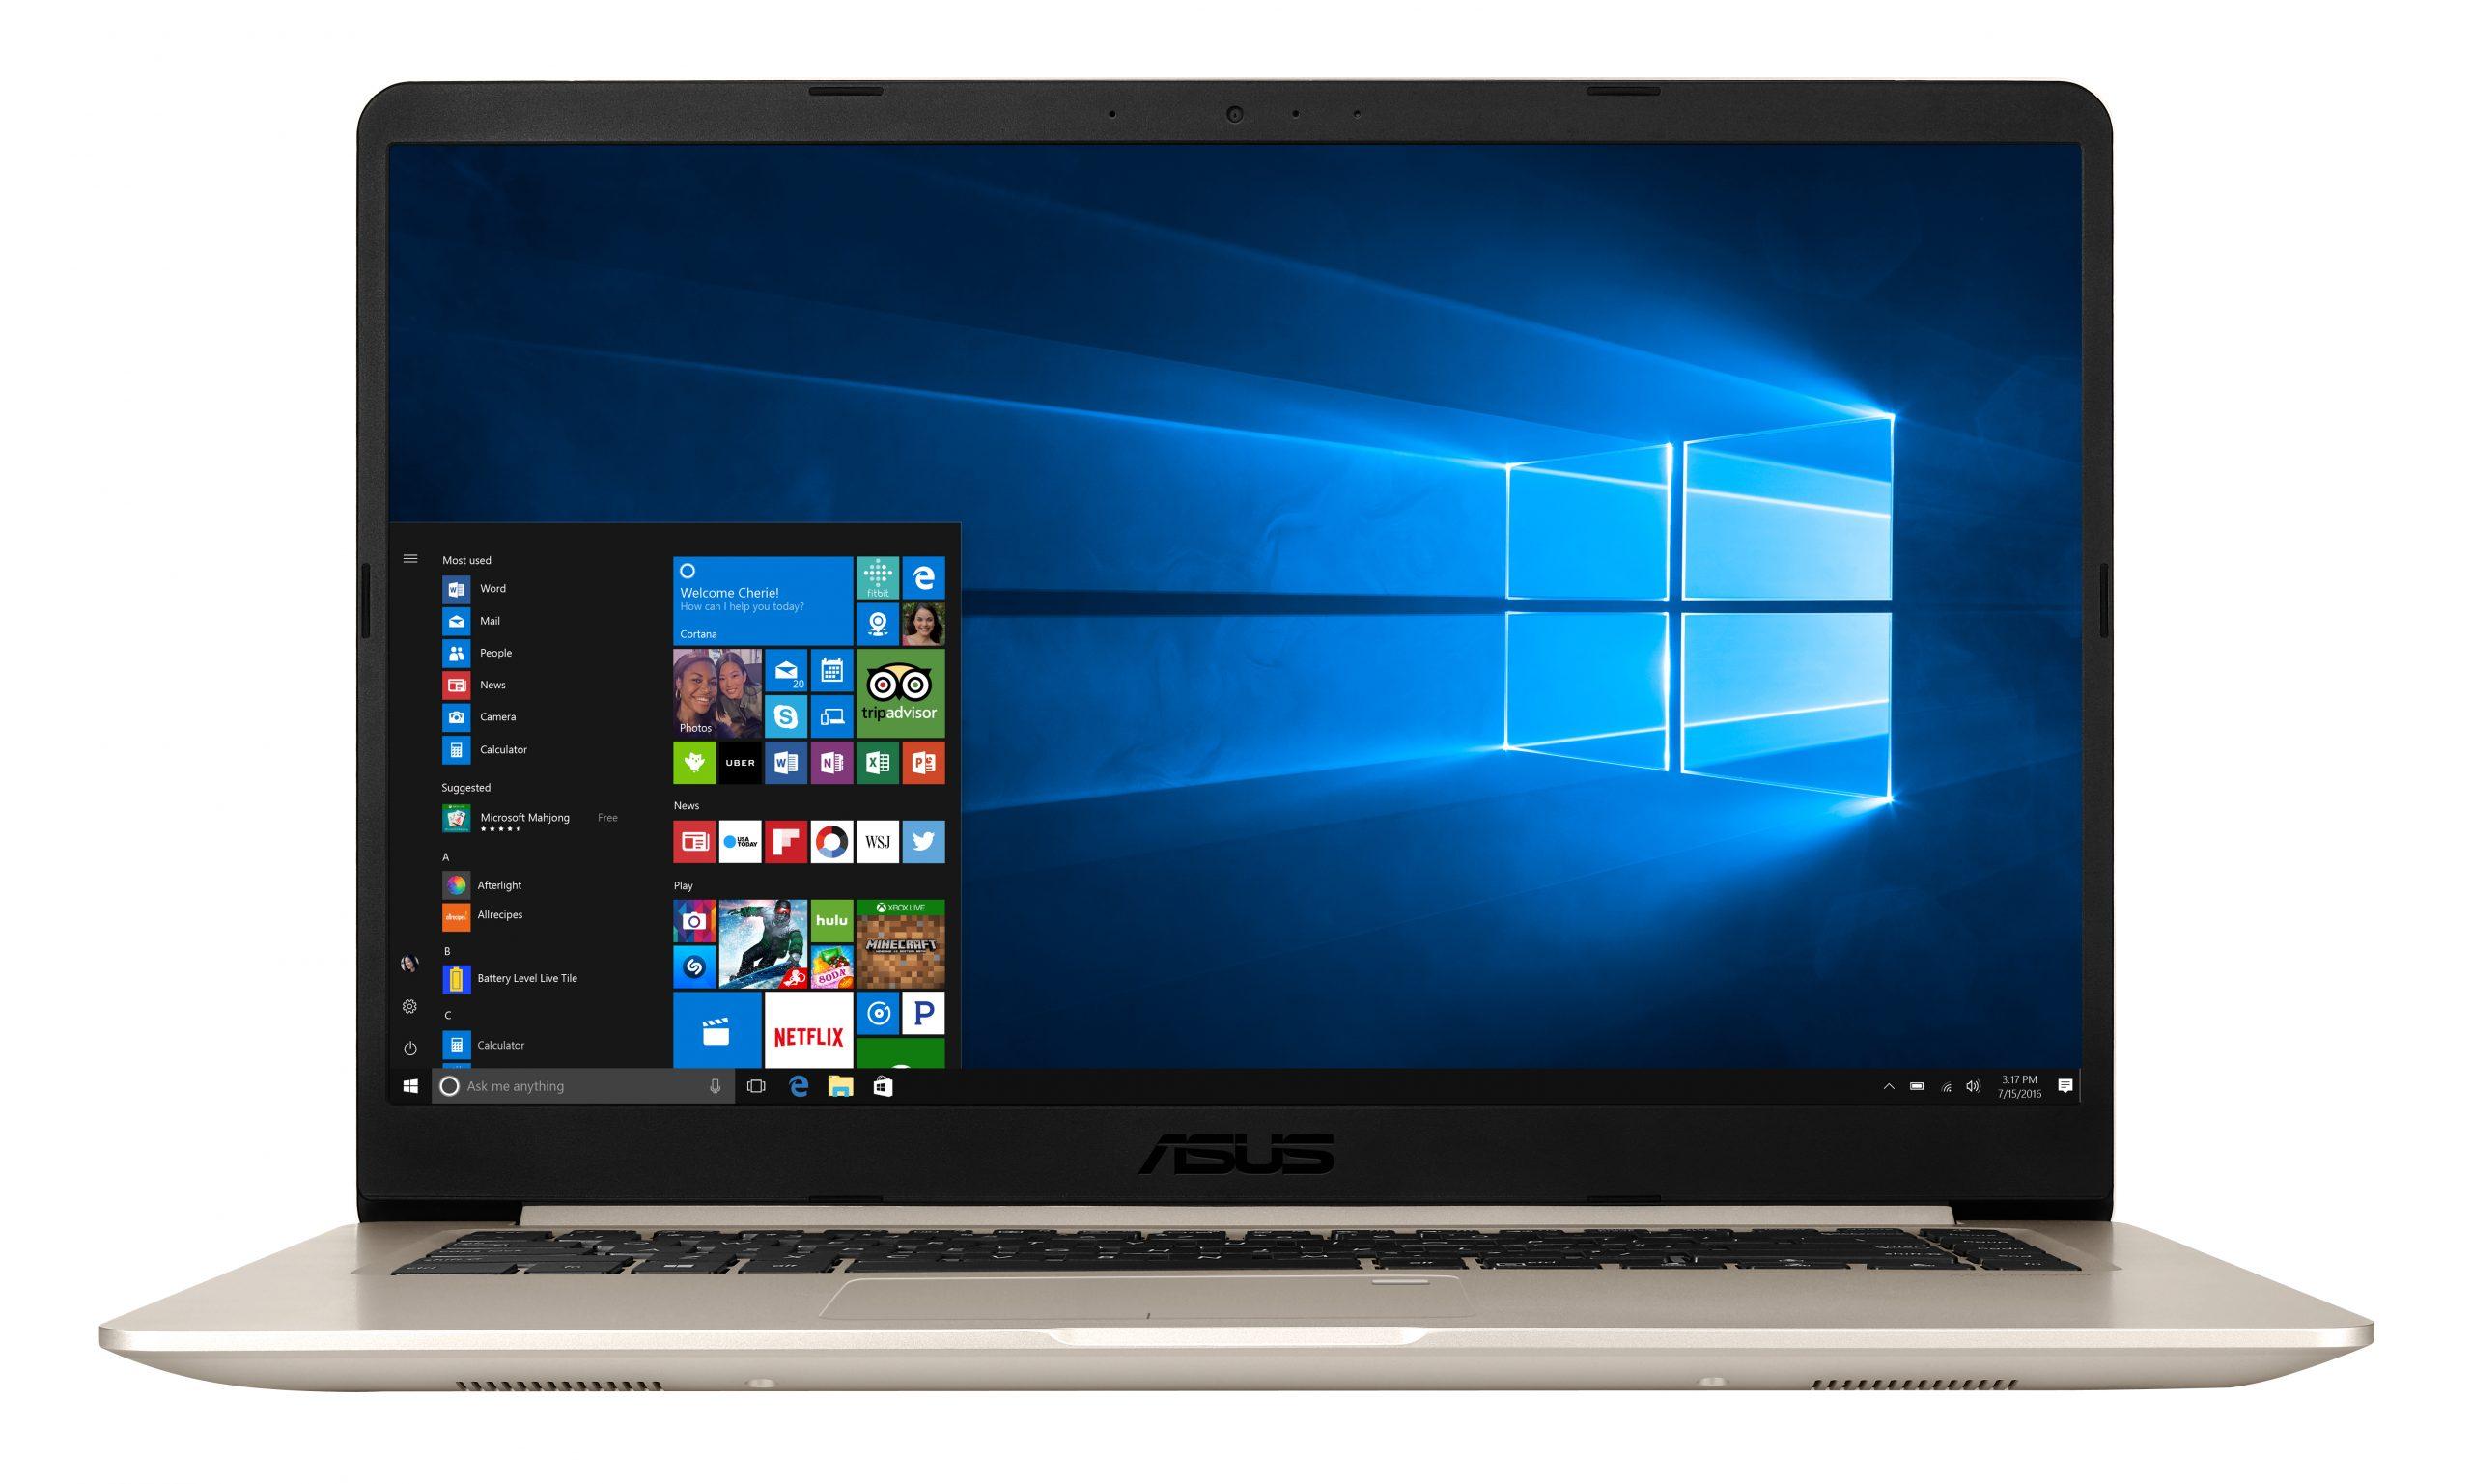 ASUS VivoBook S510: Spesifikasi Melangit, Harga Membumi